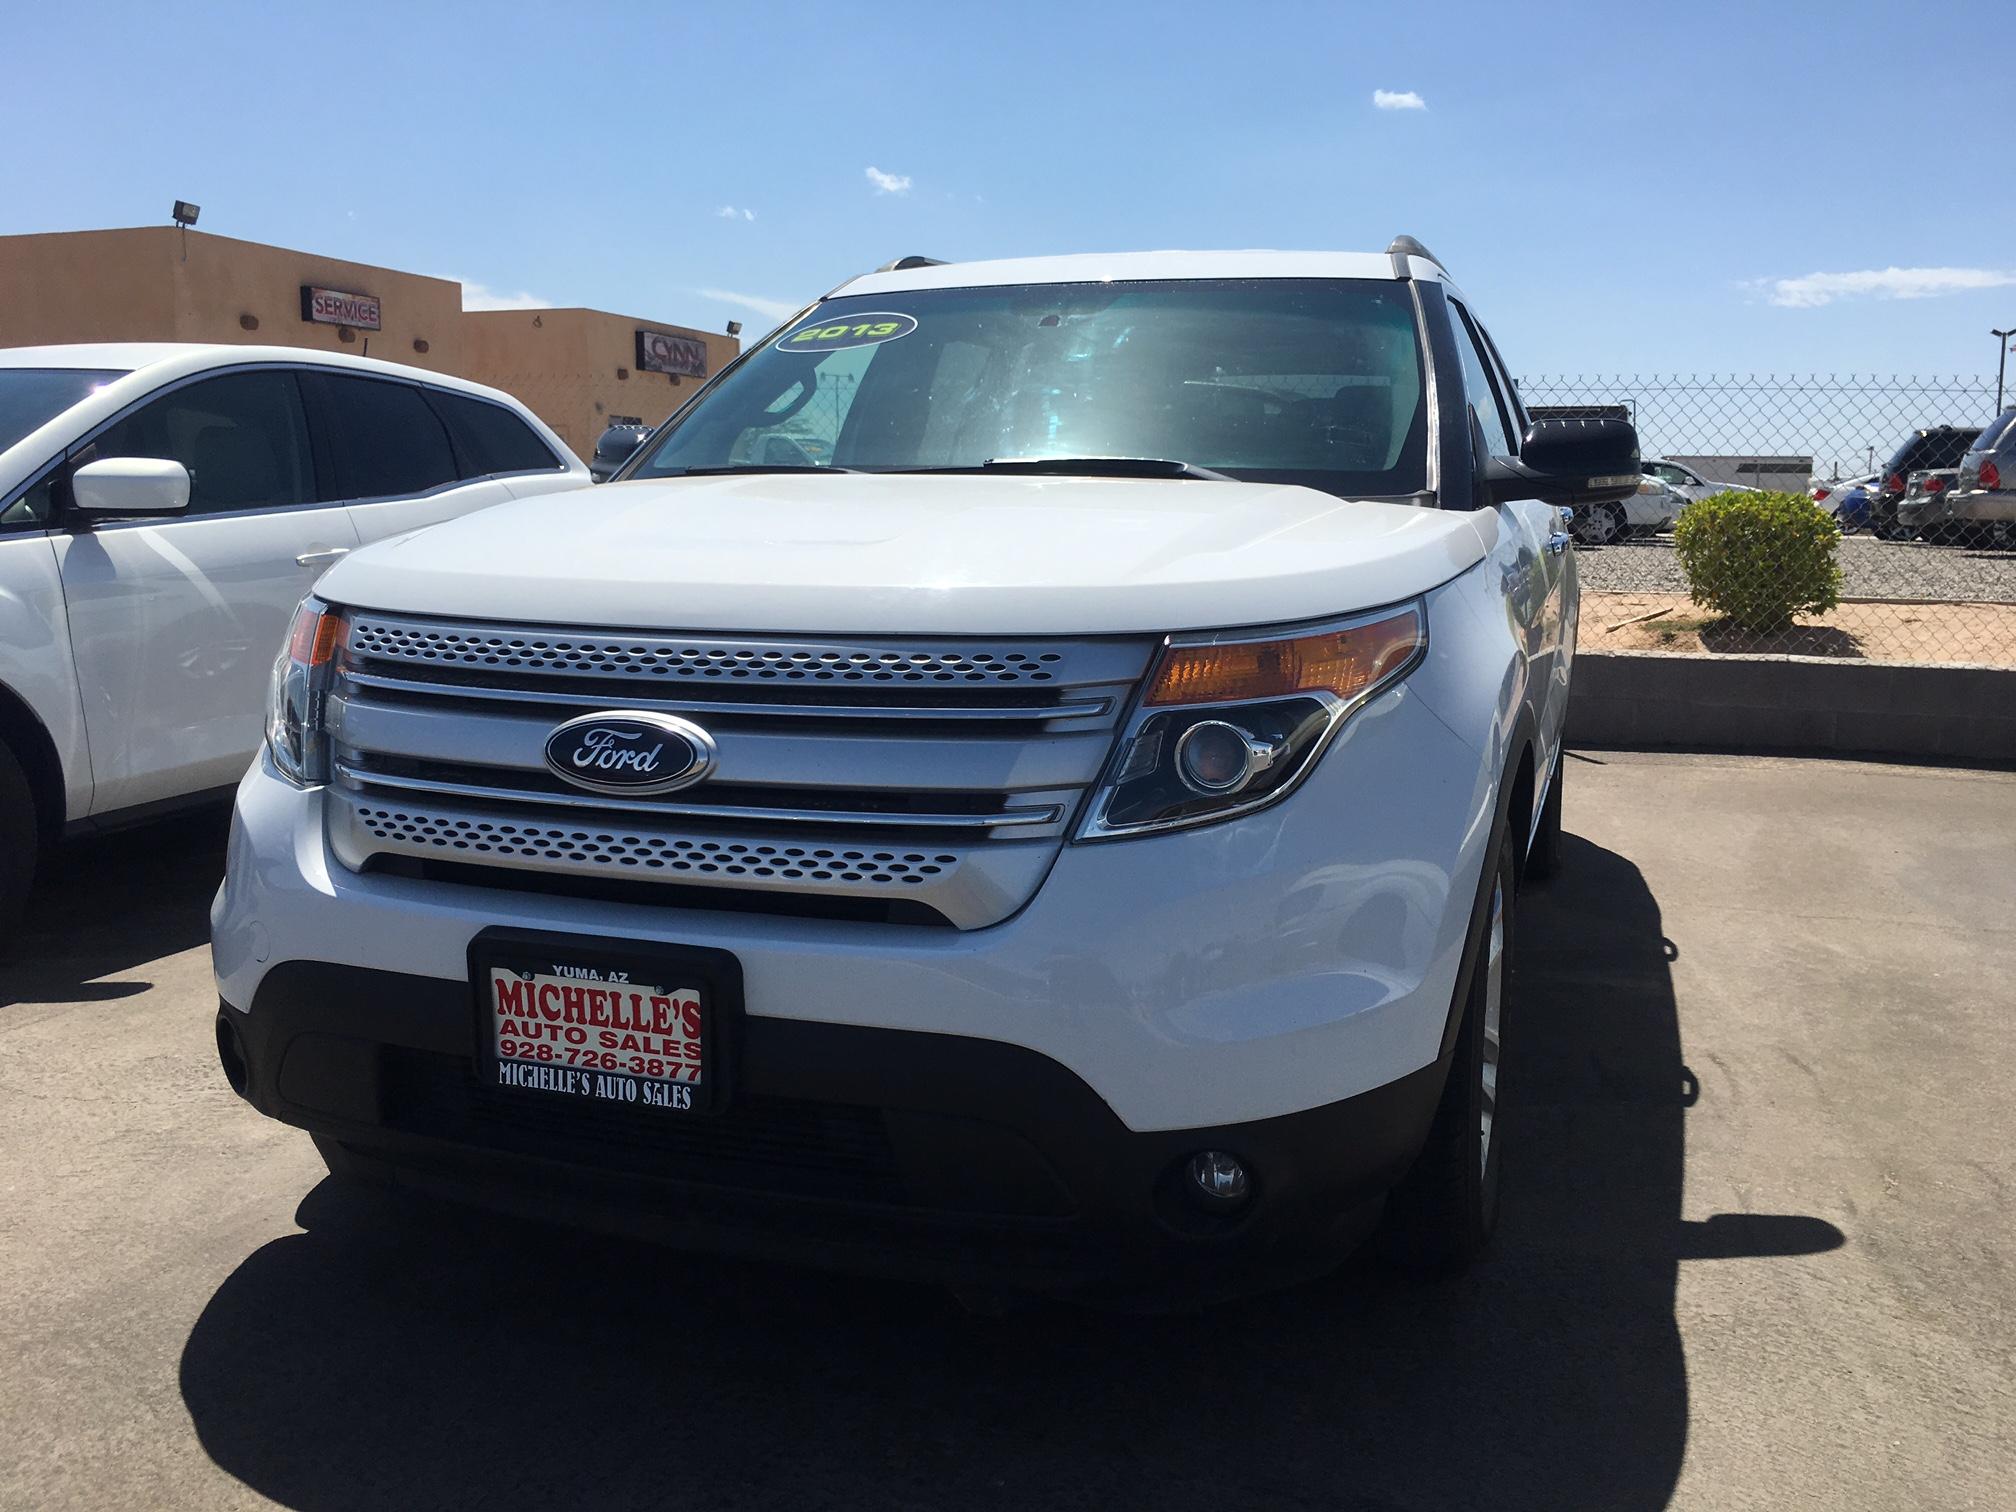 Michelle's Auto Sales LLC image 1